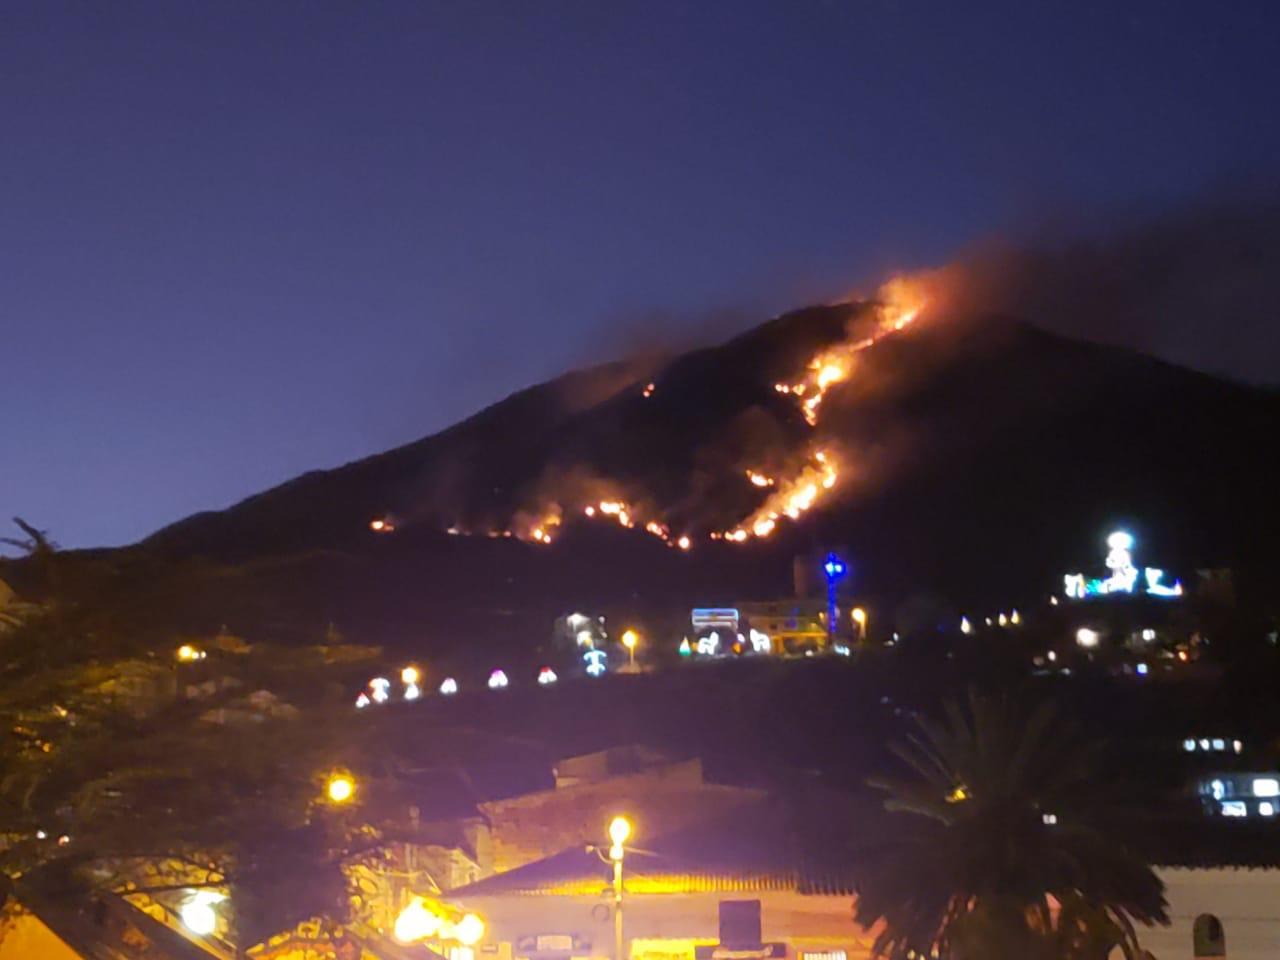 Así se ve el incendio forestal desde el casco urbano del municipio de Soatá.